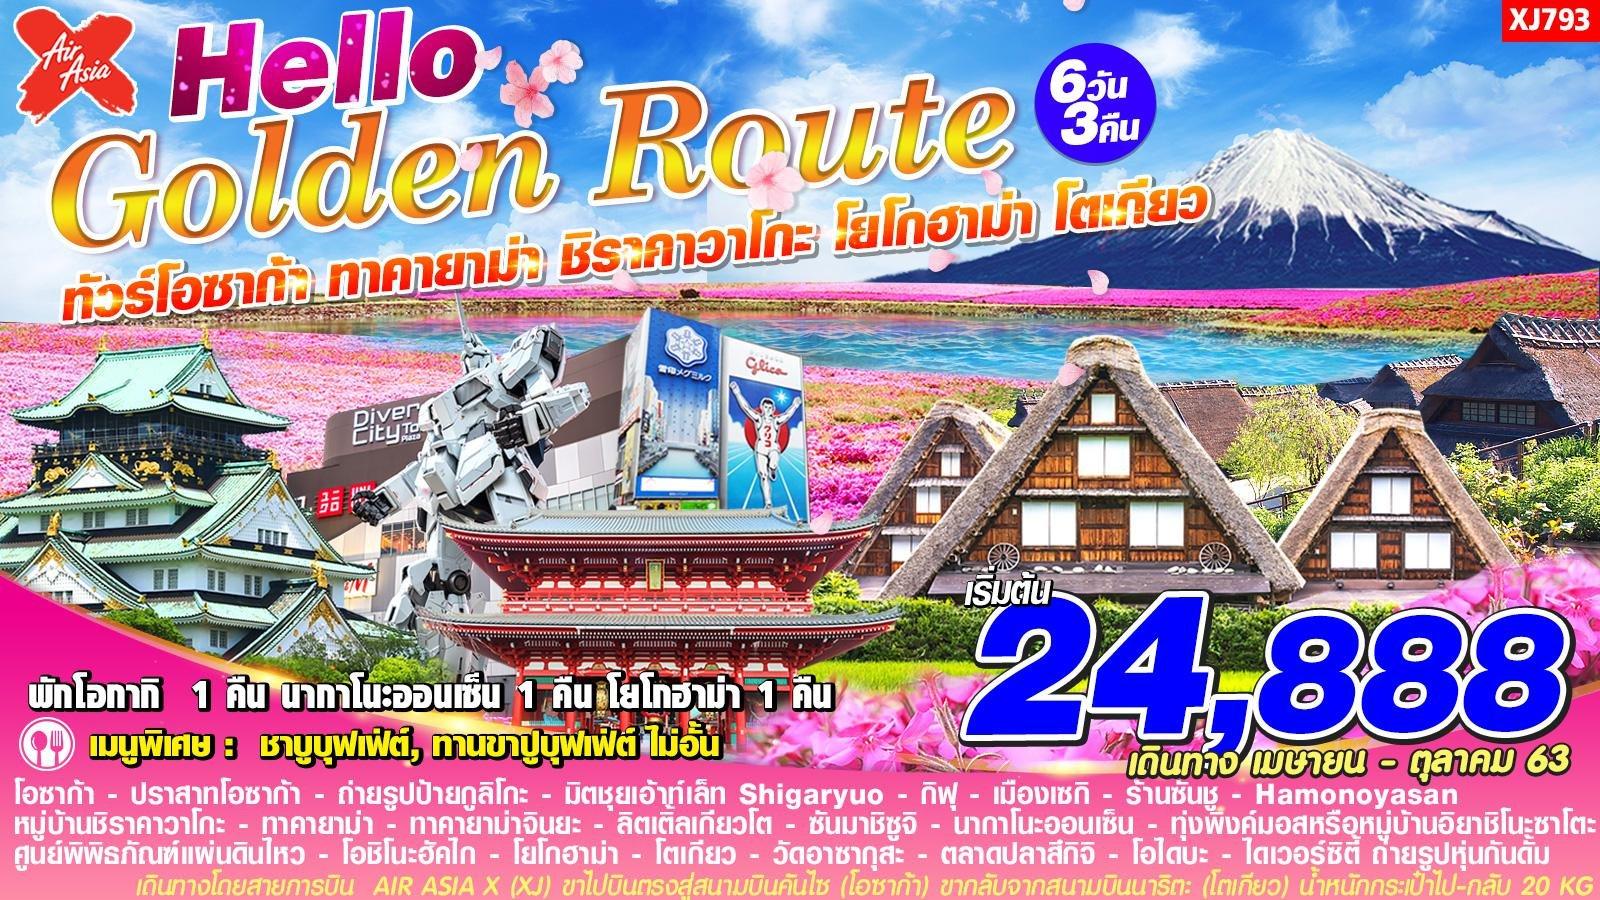 ทัวร์ญี่ปุ่น [ XJ793 ] ทัวร์ญี่ปุ่น HELLO GOLDEN ROUTE โอซาก้า โตเกียว 6D3N